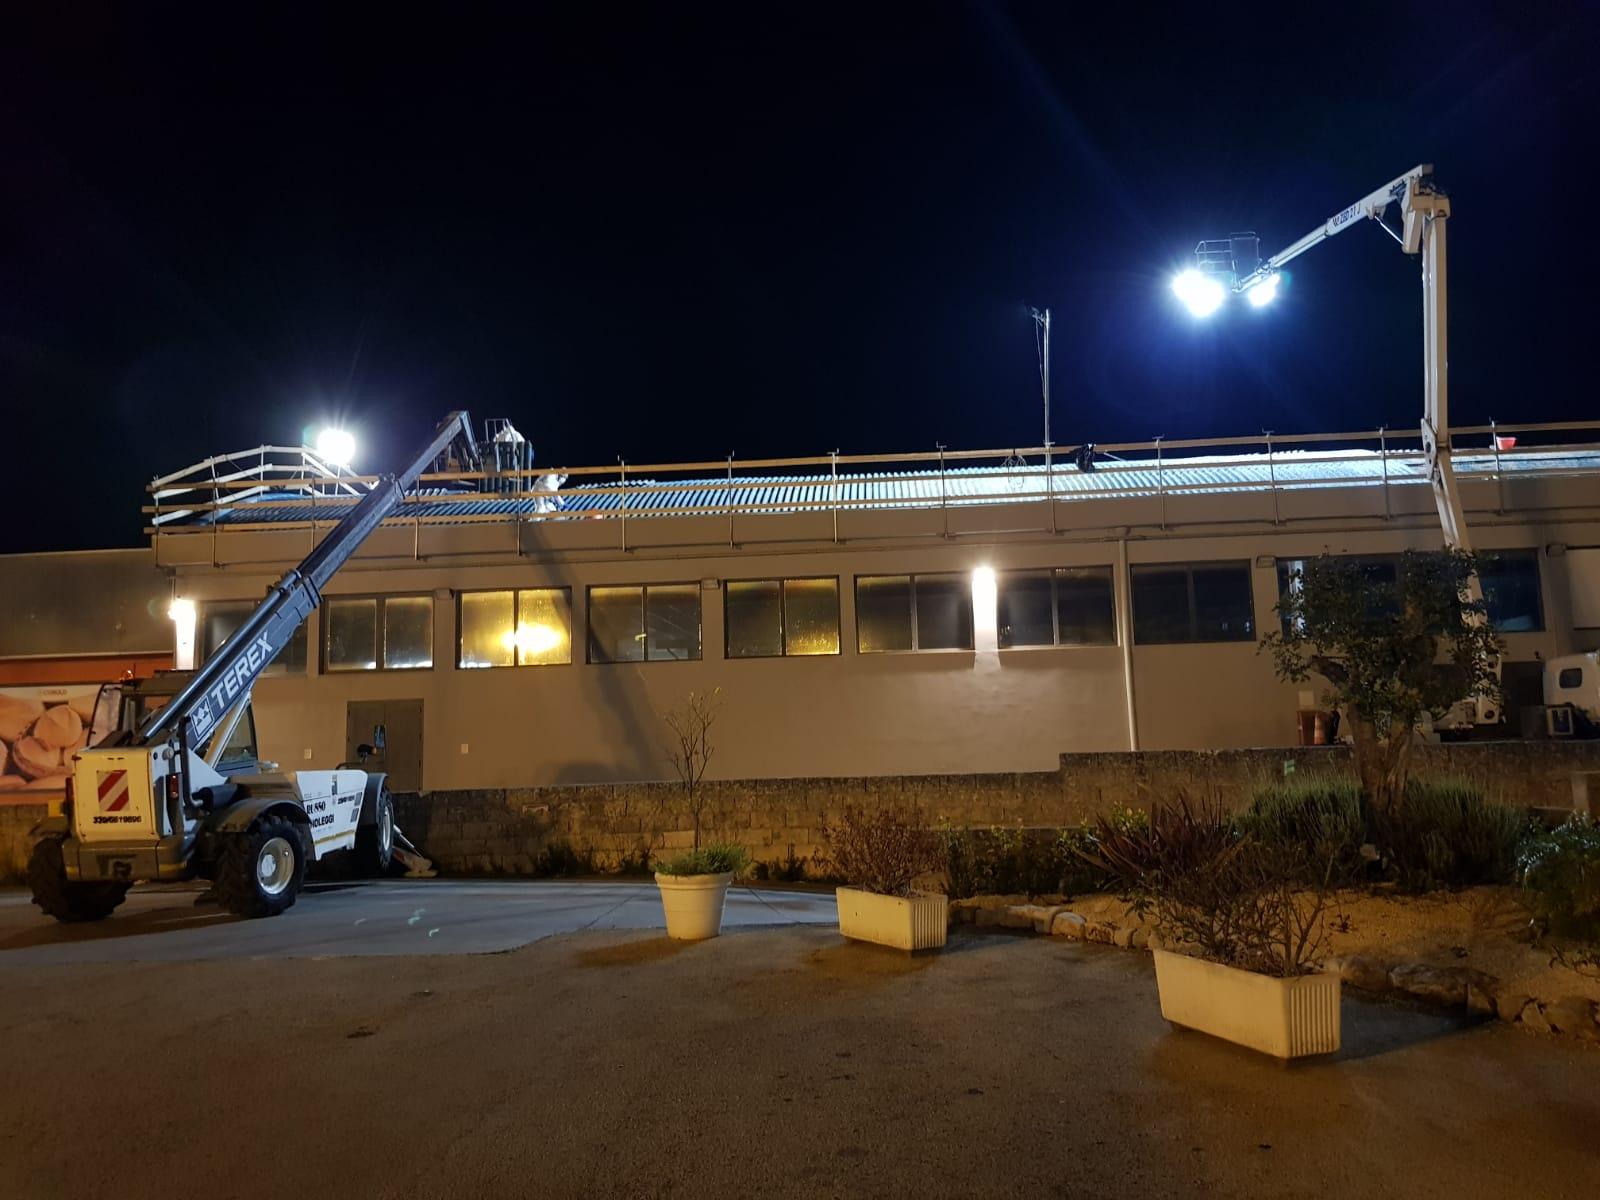 I tecnici IMP.EL. raggiungono la copertura dello stabile attraverso una gru con ponte di sollevamento. In questo modo, riescono a raggiungere punti alti degli edifici da trattare, quindi procedere con l'incapsulamento e la rimozione amianto dappertutto, laddove necessario.